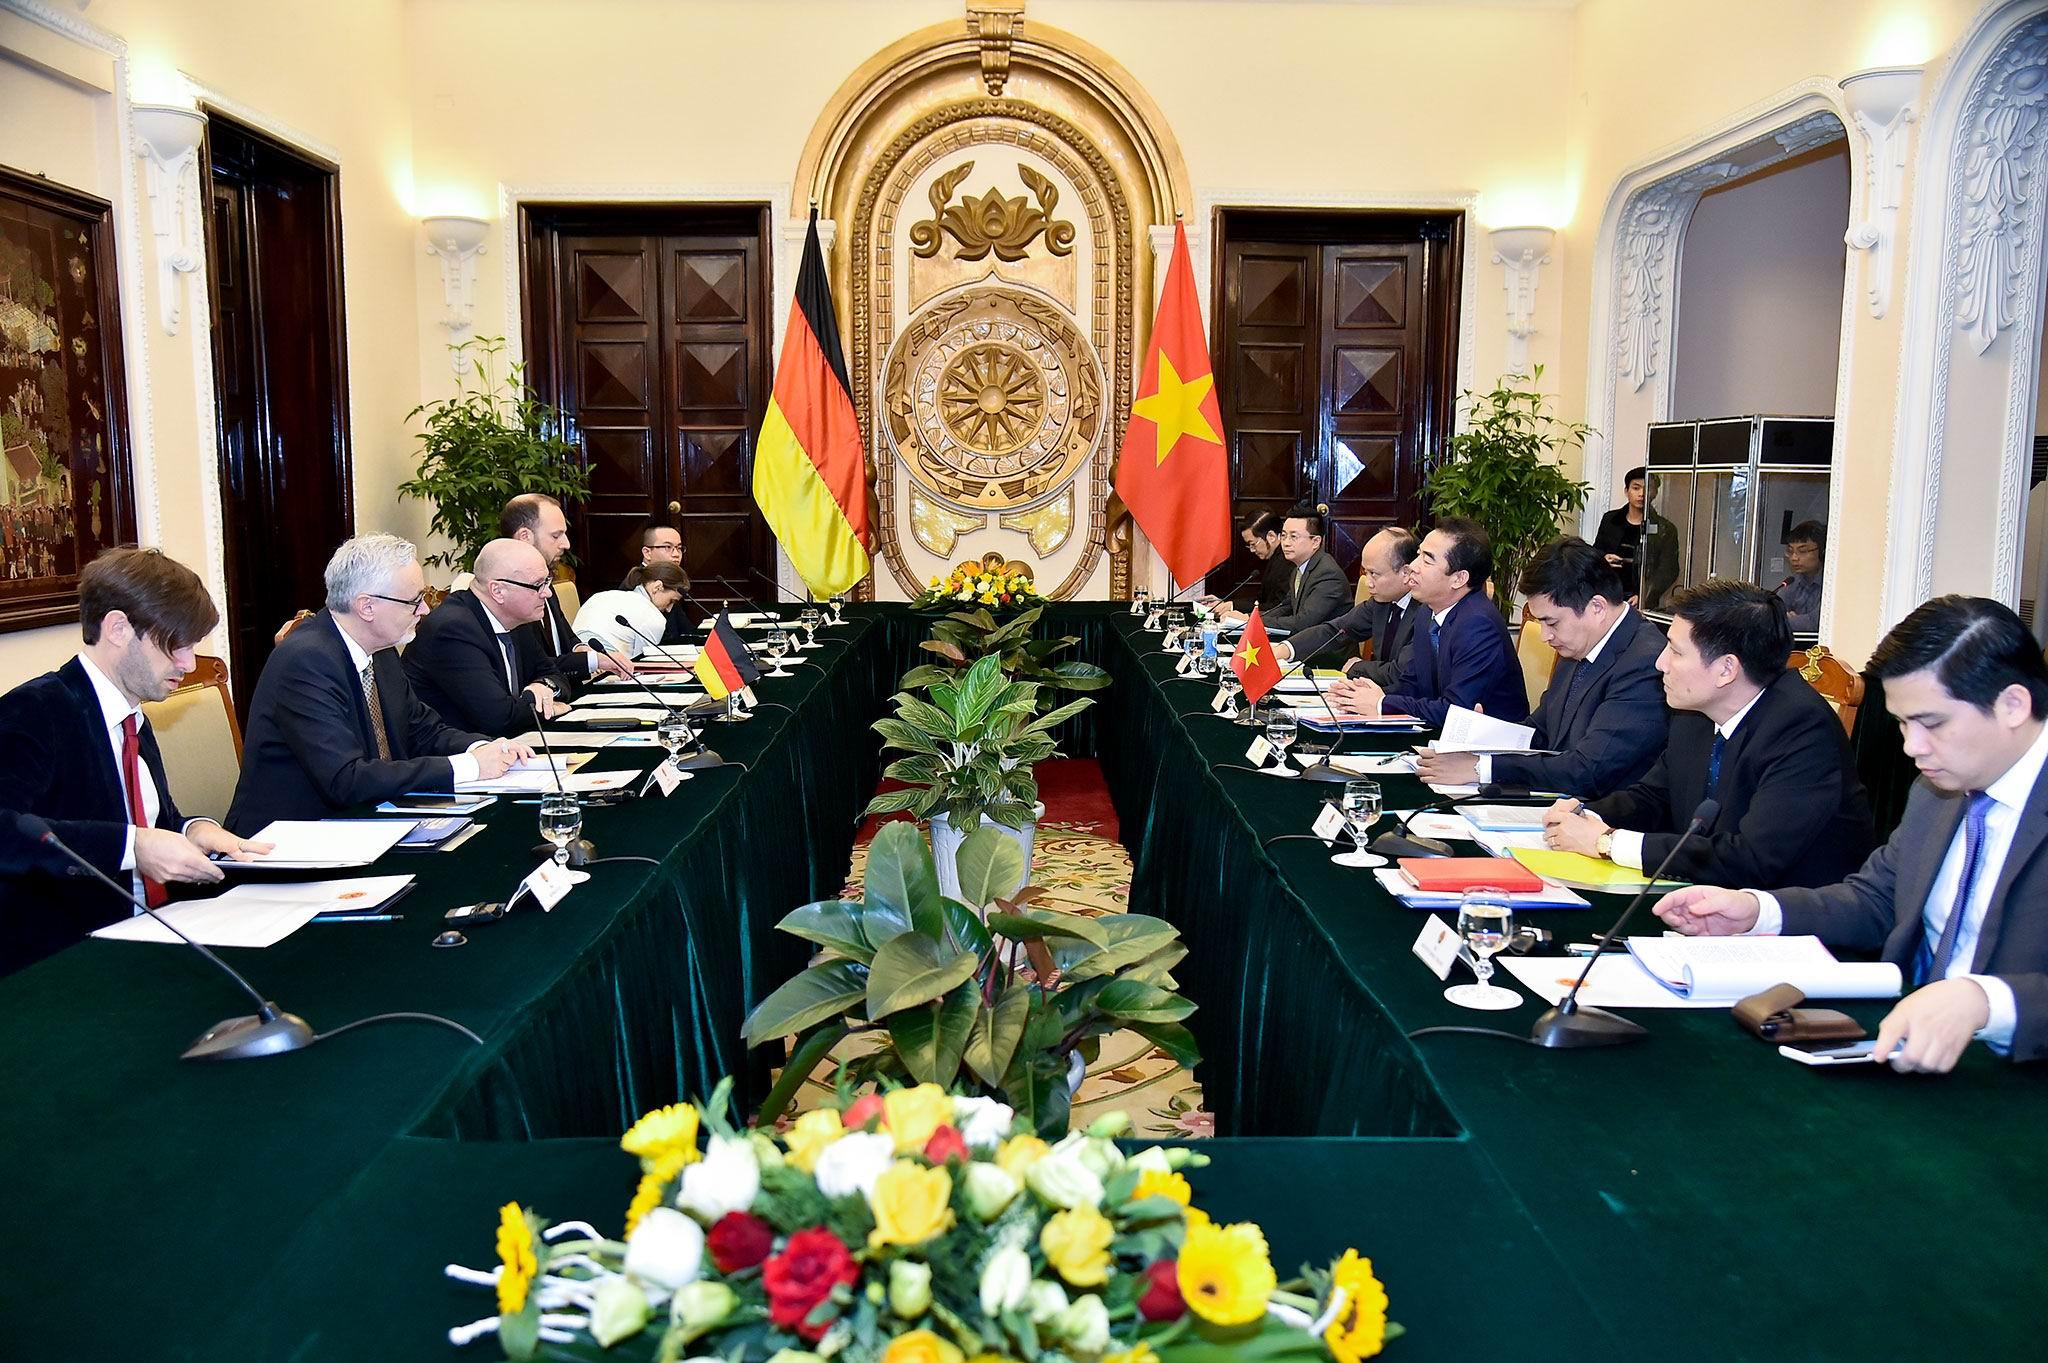 Đưa quan hệ Đối tác chiến lược Việt-Đức sang giai đoạn phát triển mới